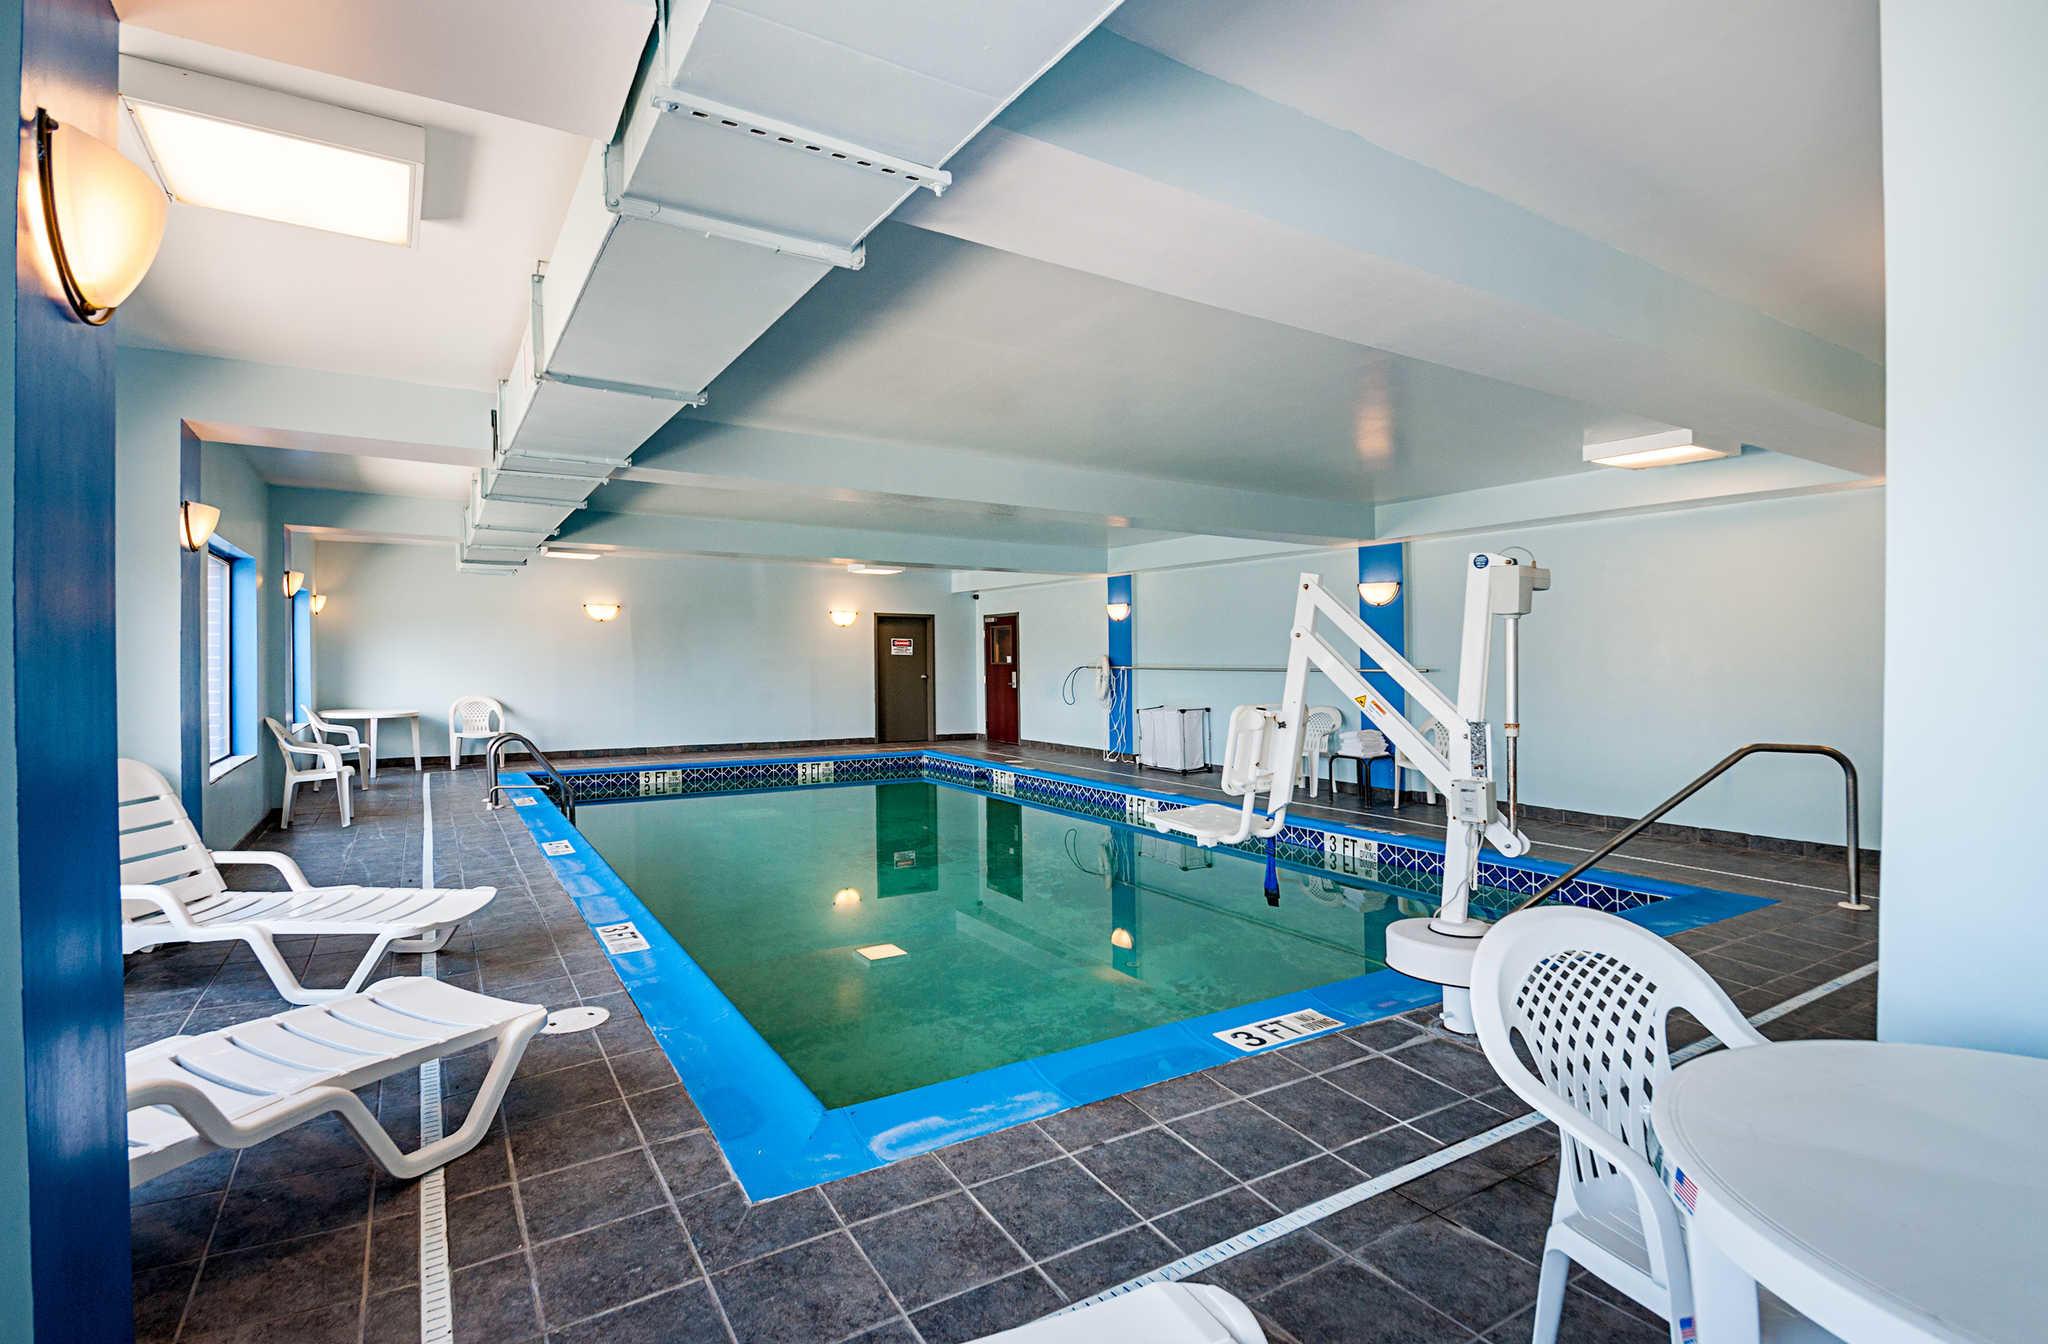 Comfort Inn & Suites Cambridge image 30